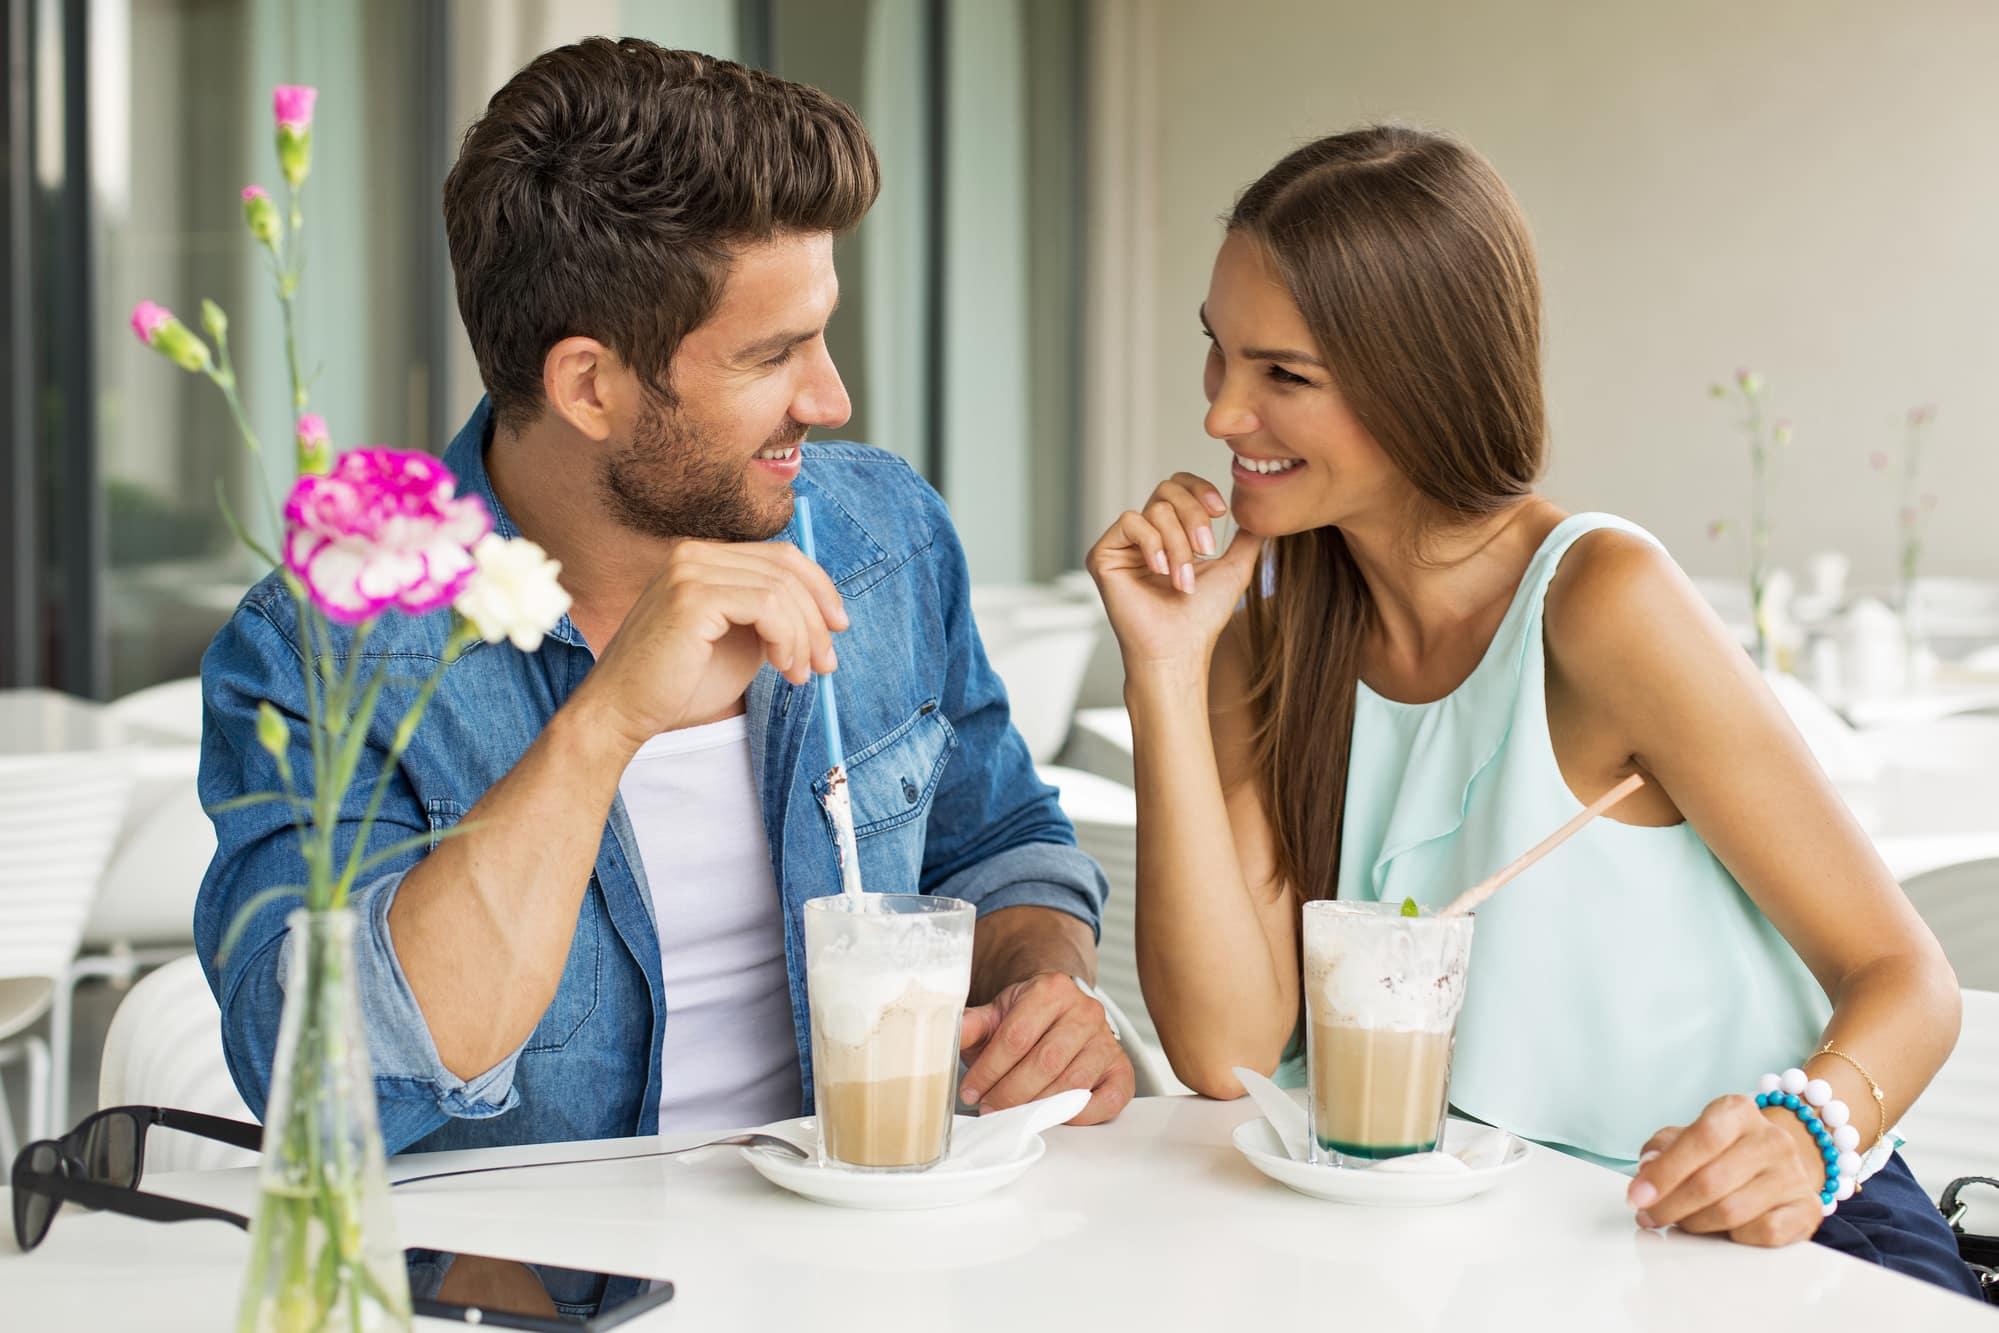 Freundschaft Plus: 6 + 6 Regeln für Sex ohne Liebe